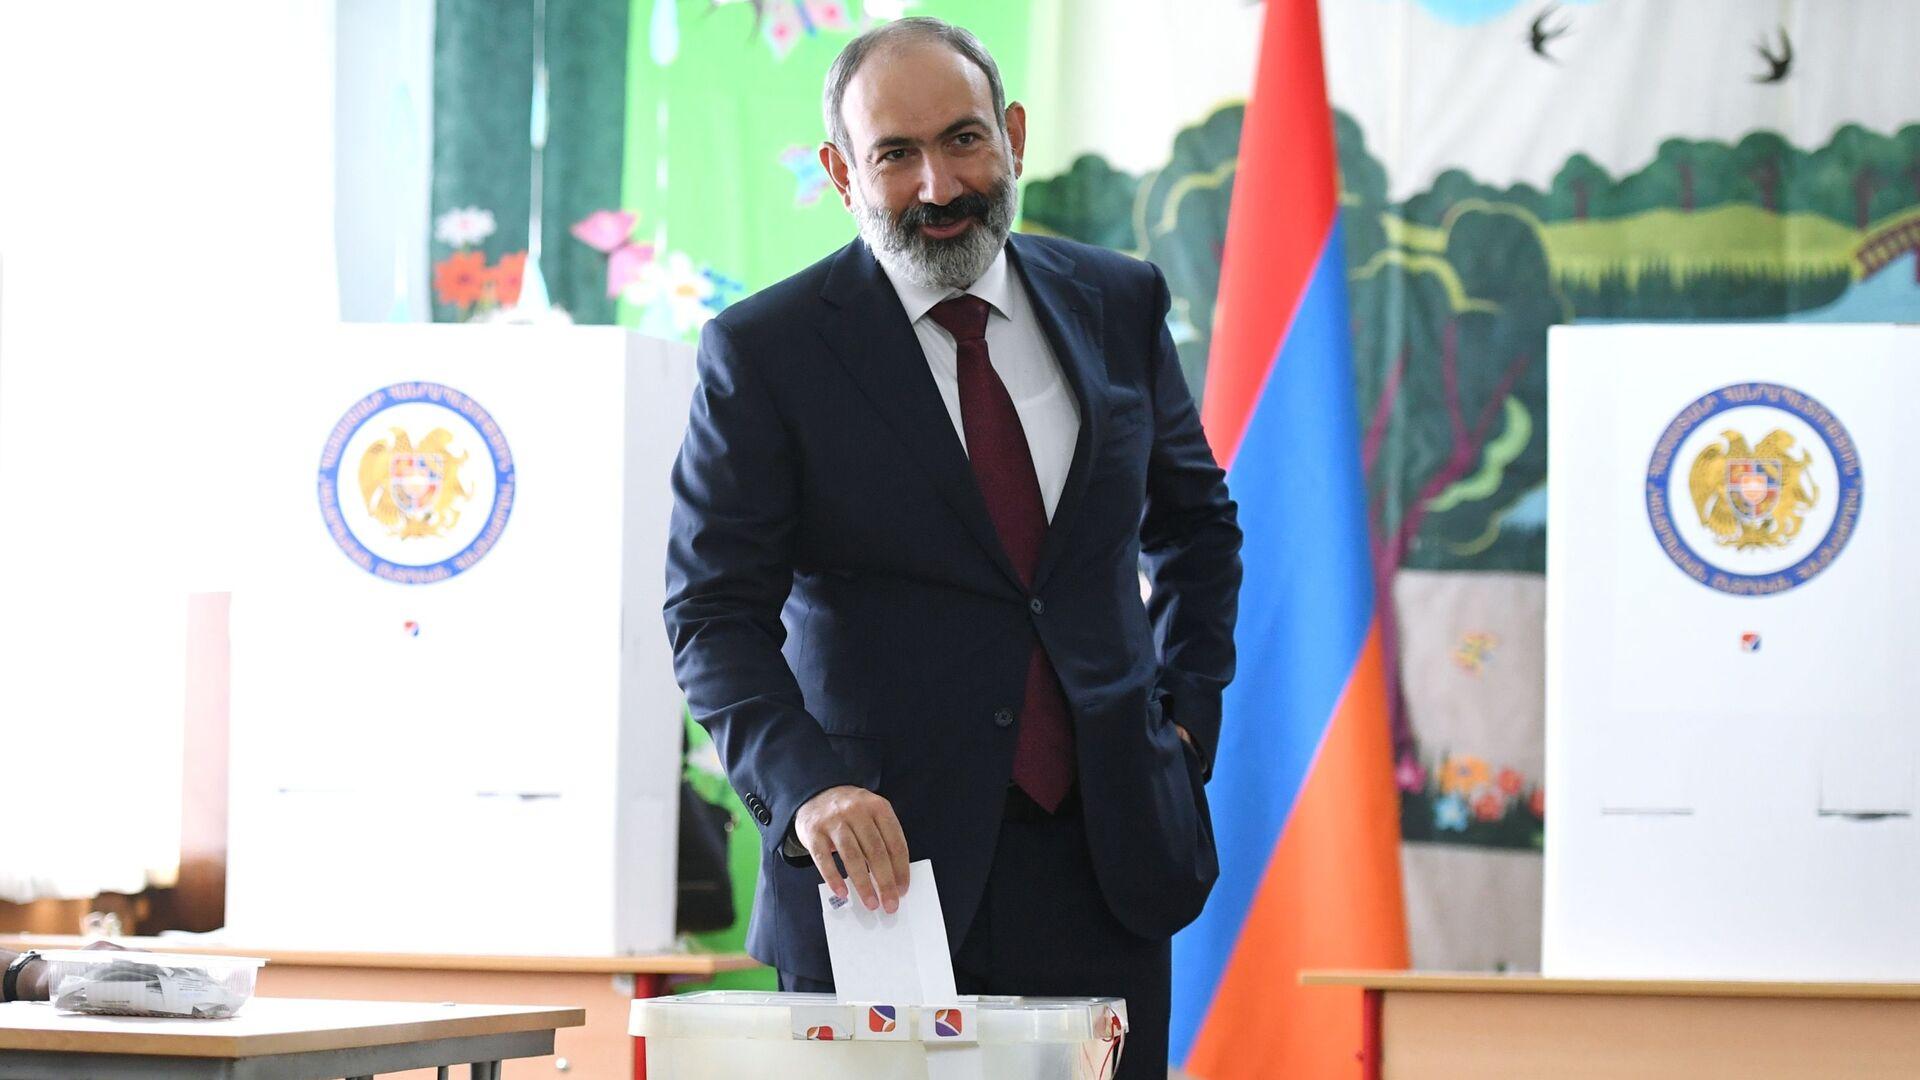 Arménský premiér Nikol Pašinjan při parlamentních volbách - Sputnik Česká republika, 1920, 21.06.2021